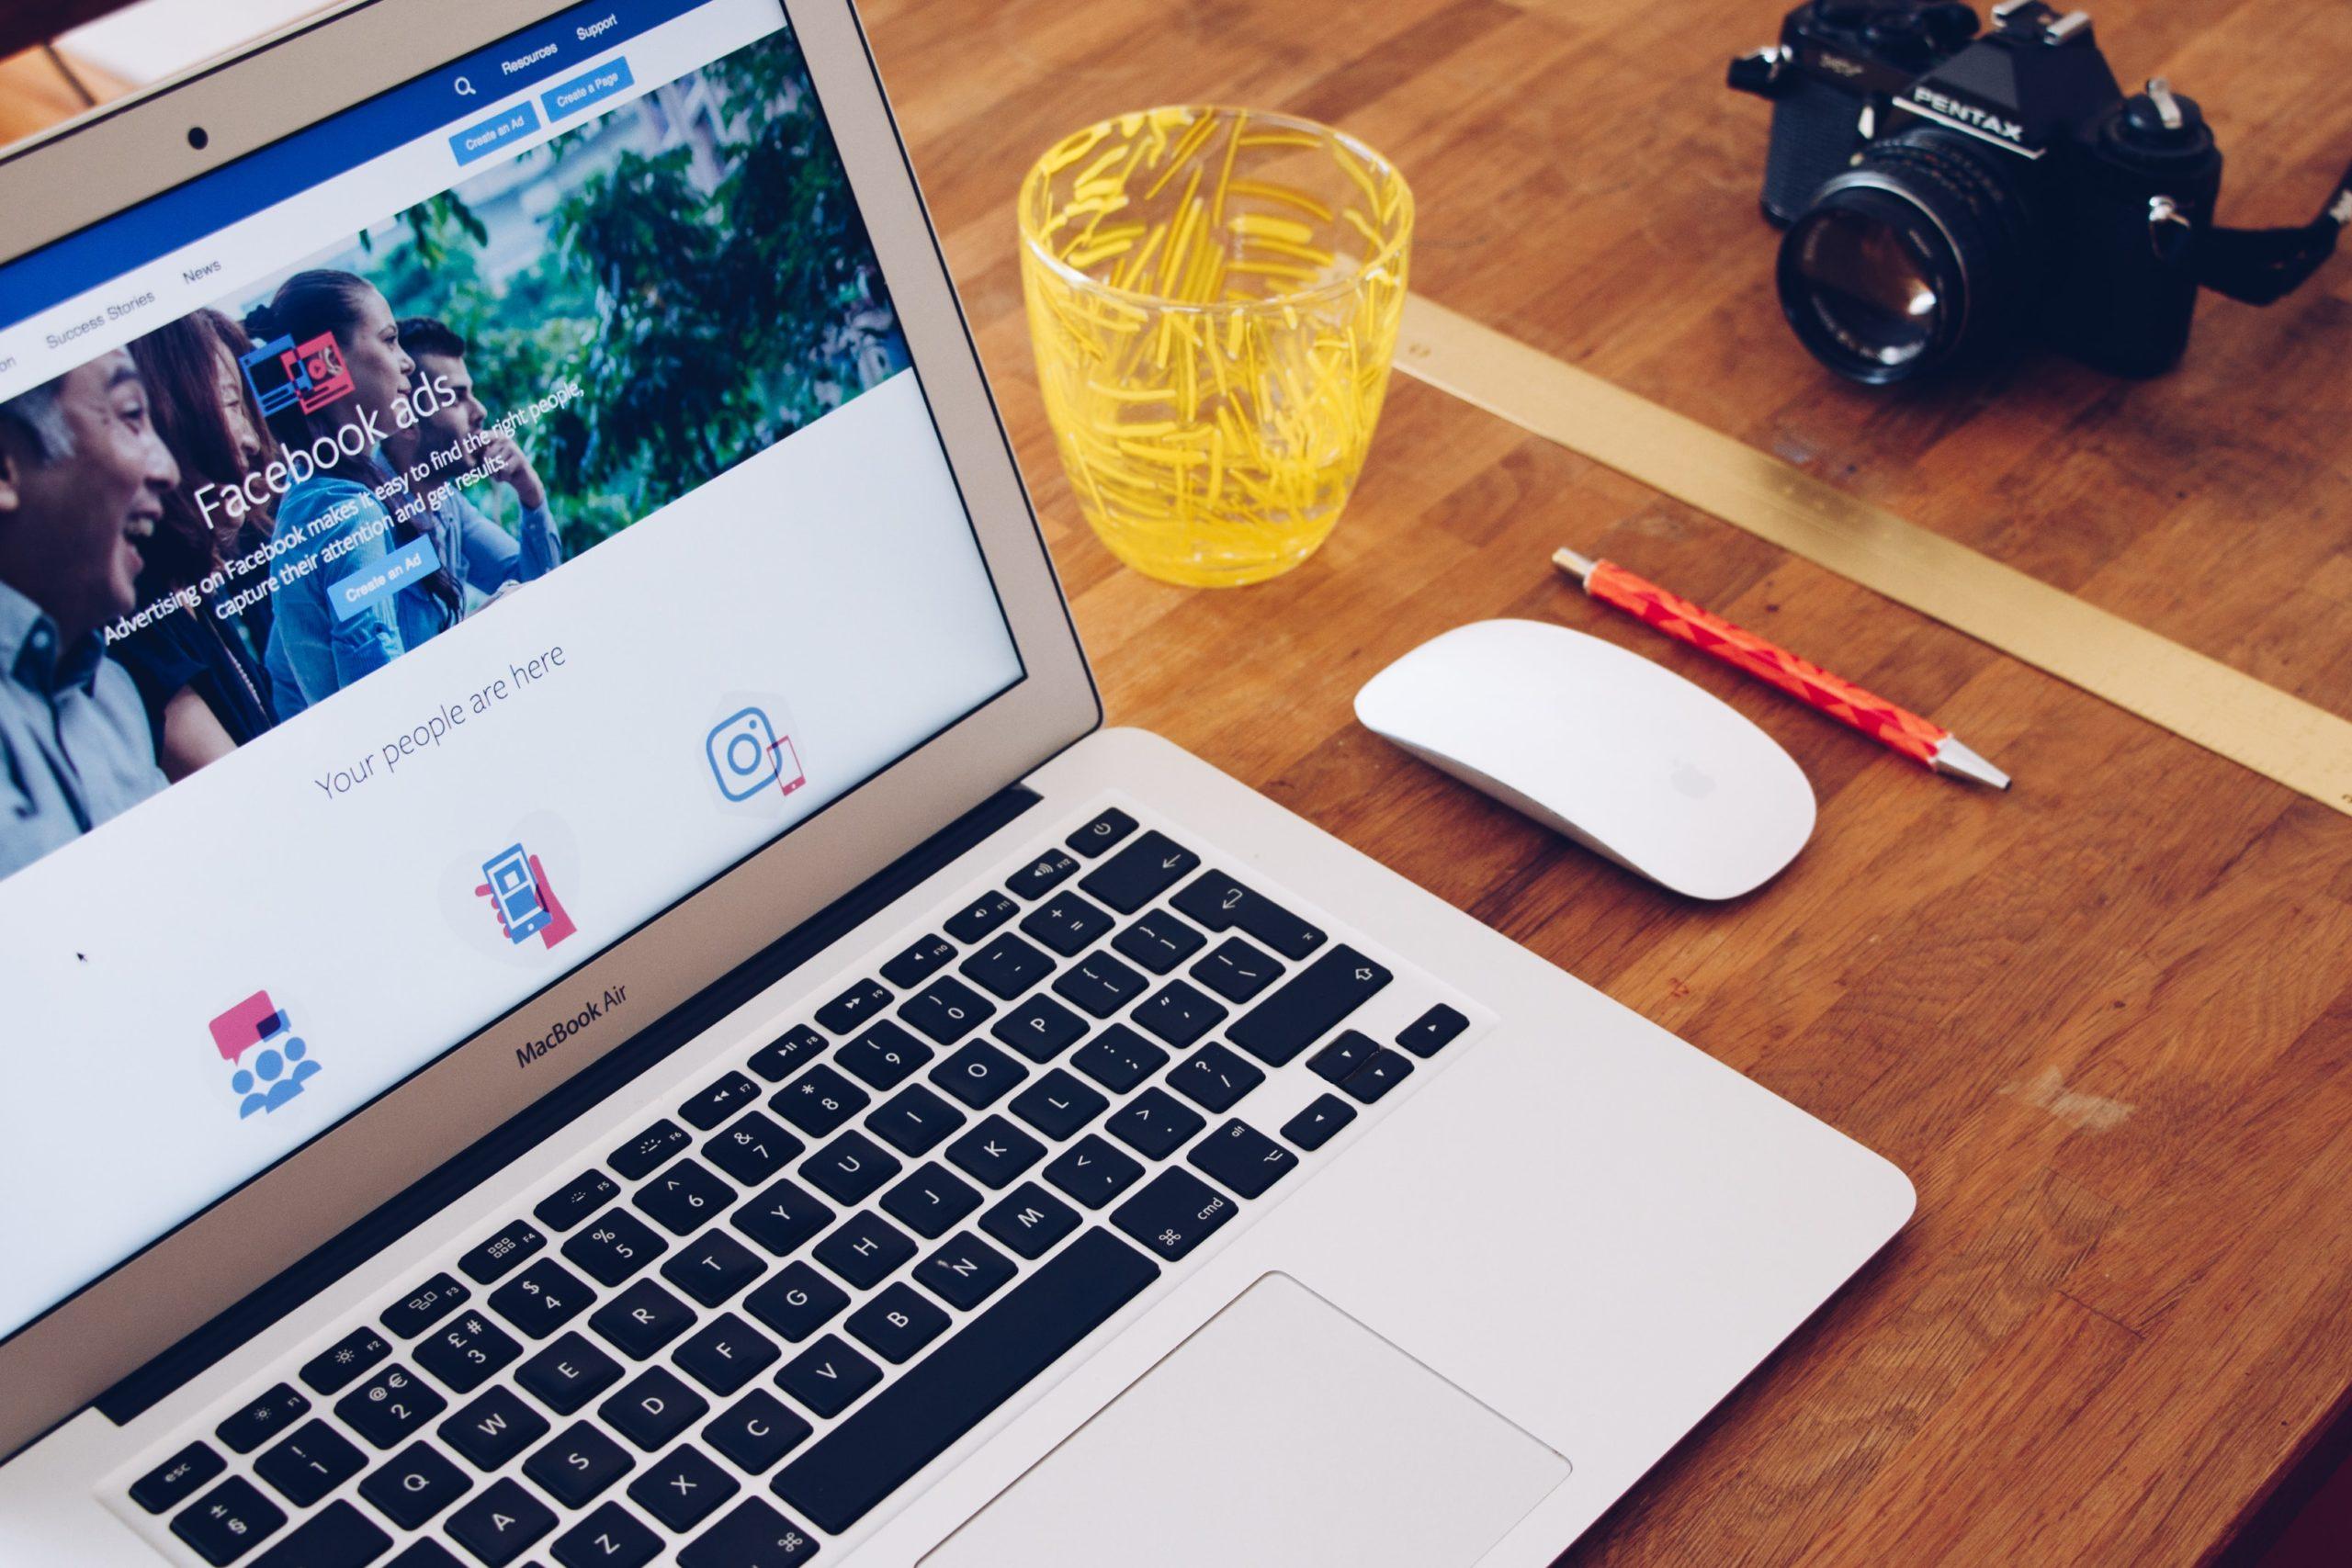 SEA facebook ads